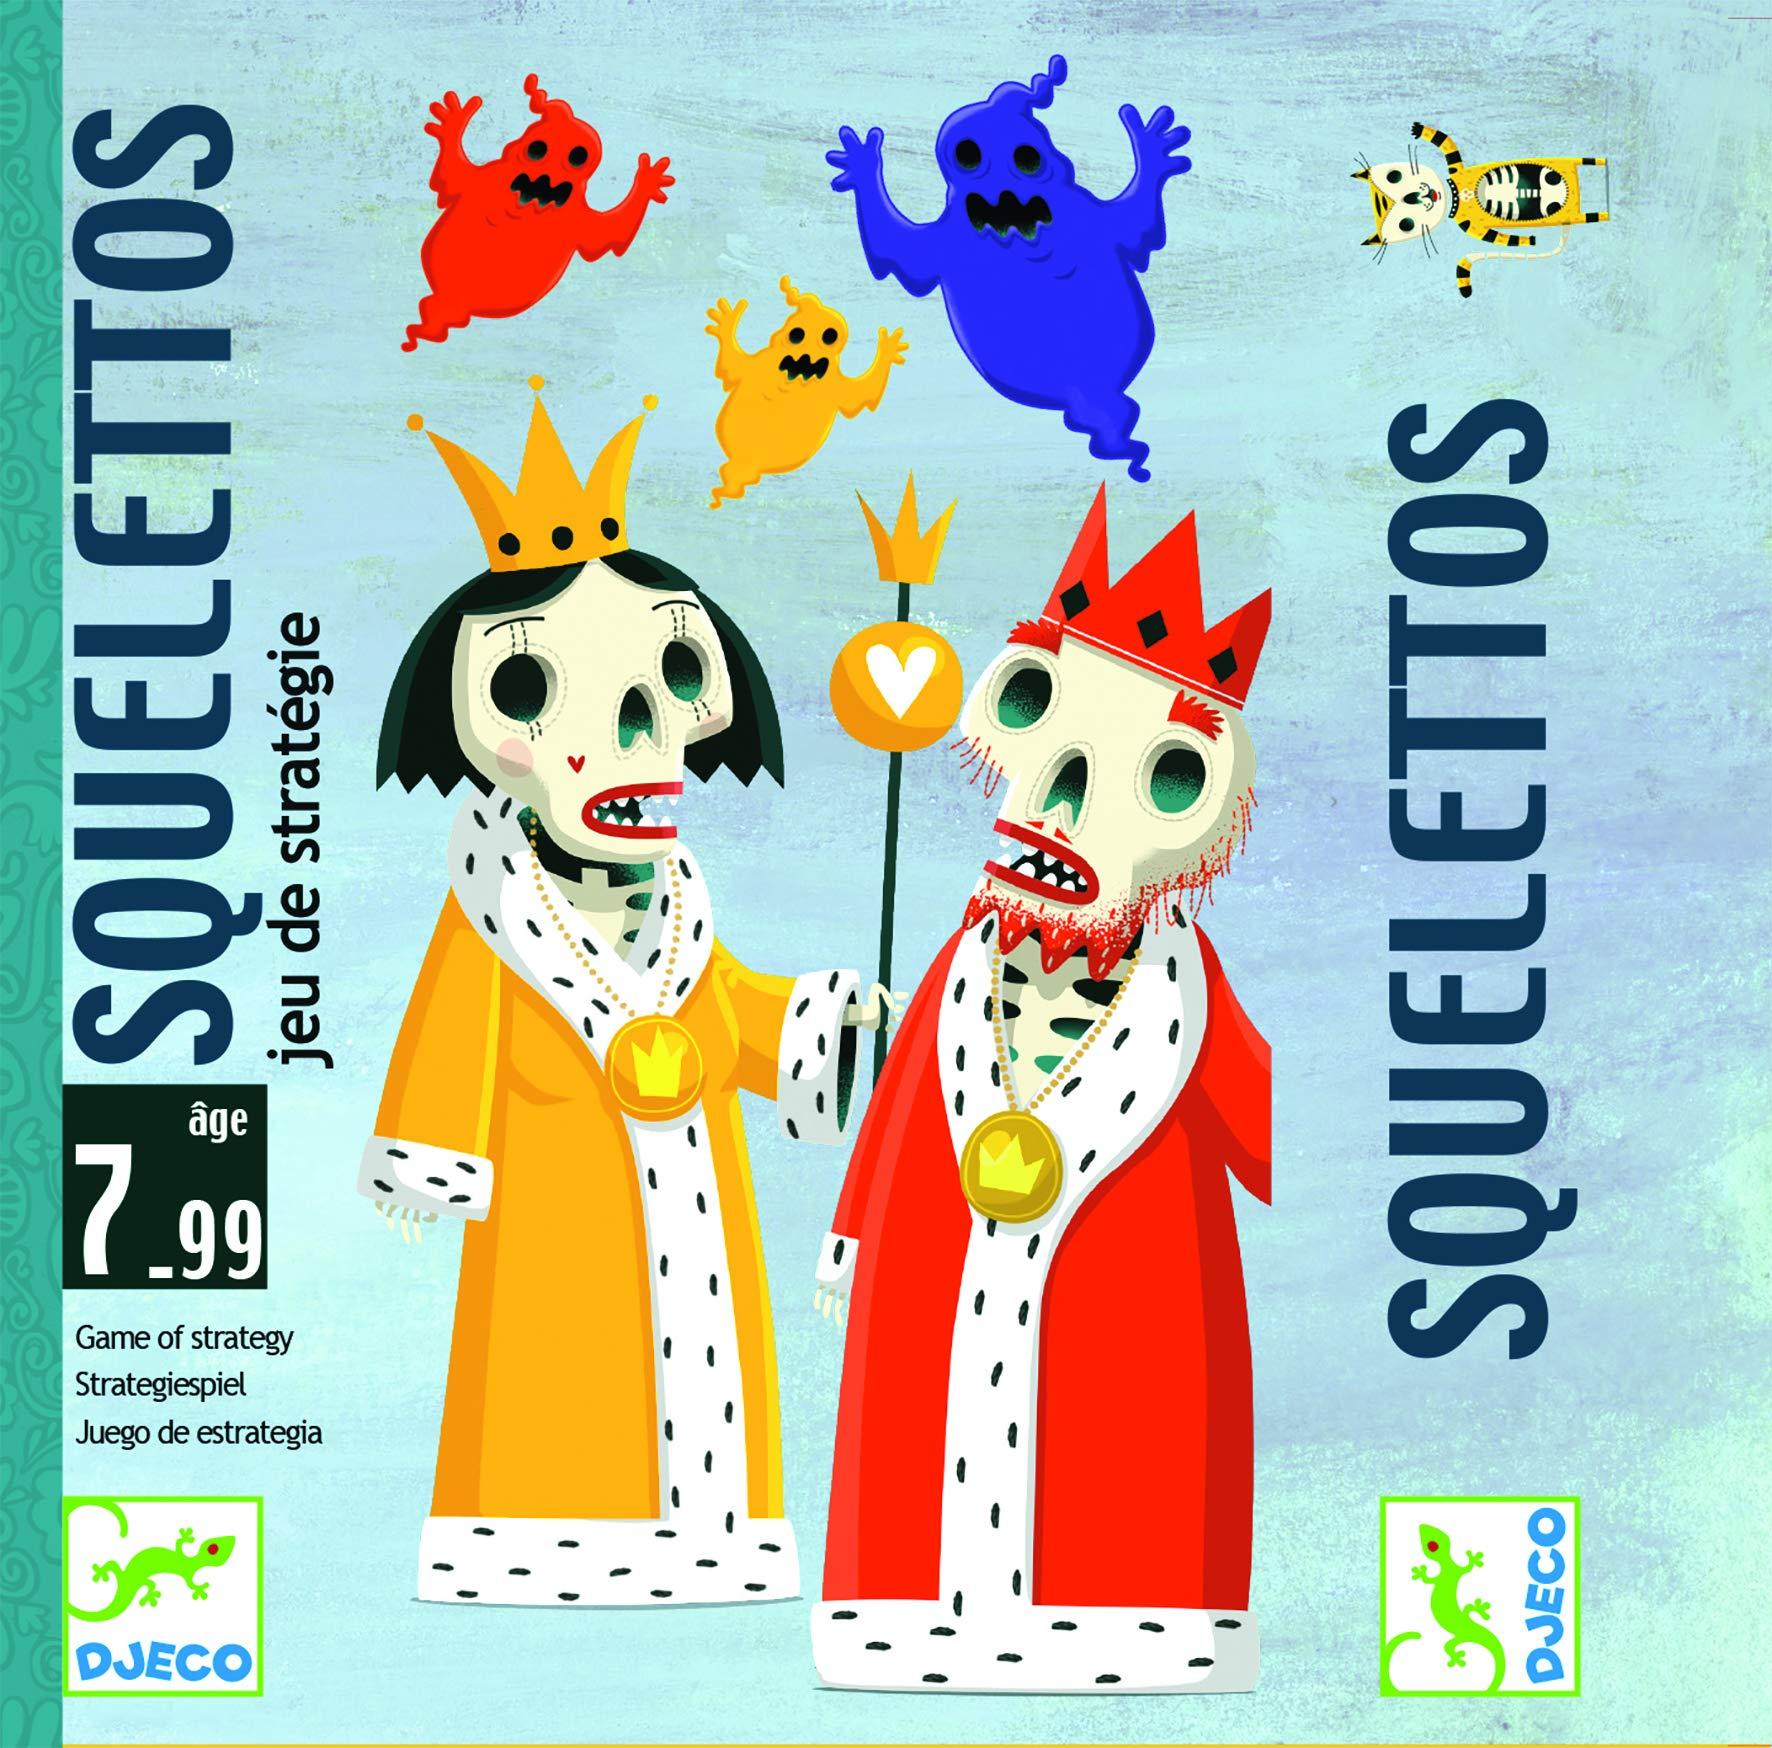 DJECO- Juegos de cartasJuegos de cartasDJECOCartas Squelettos, Multicolor (36): Amazon.es: Juguetes y juegos